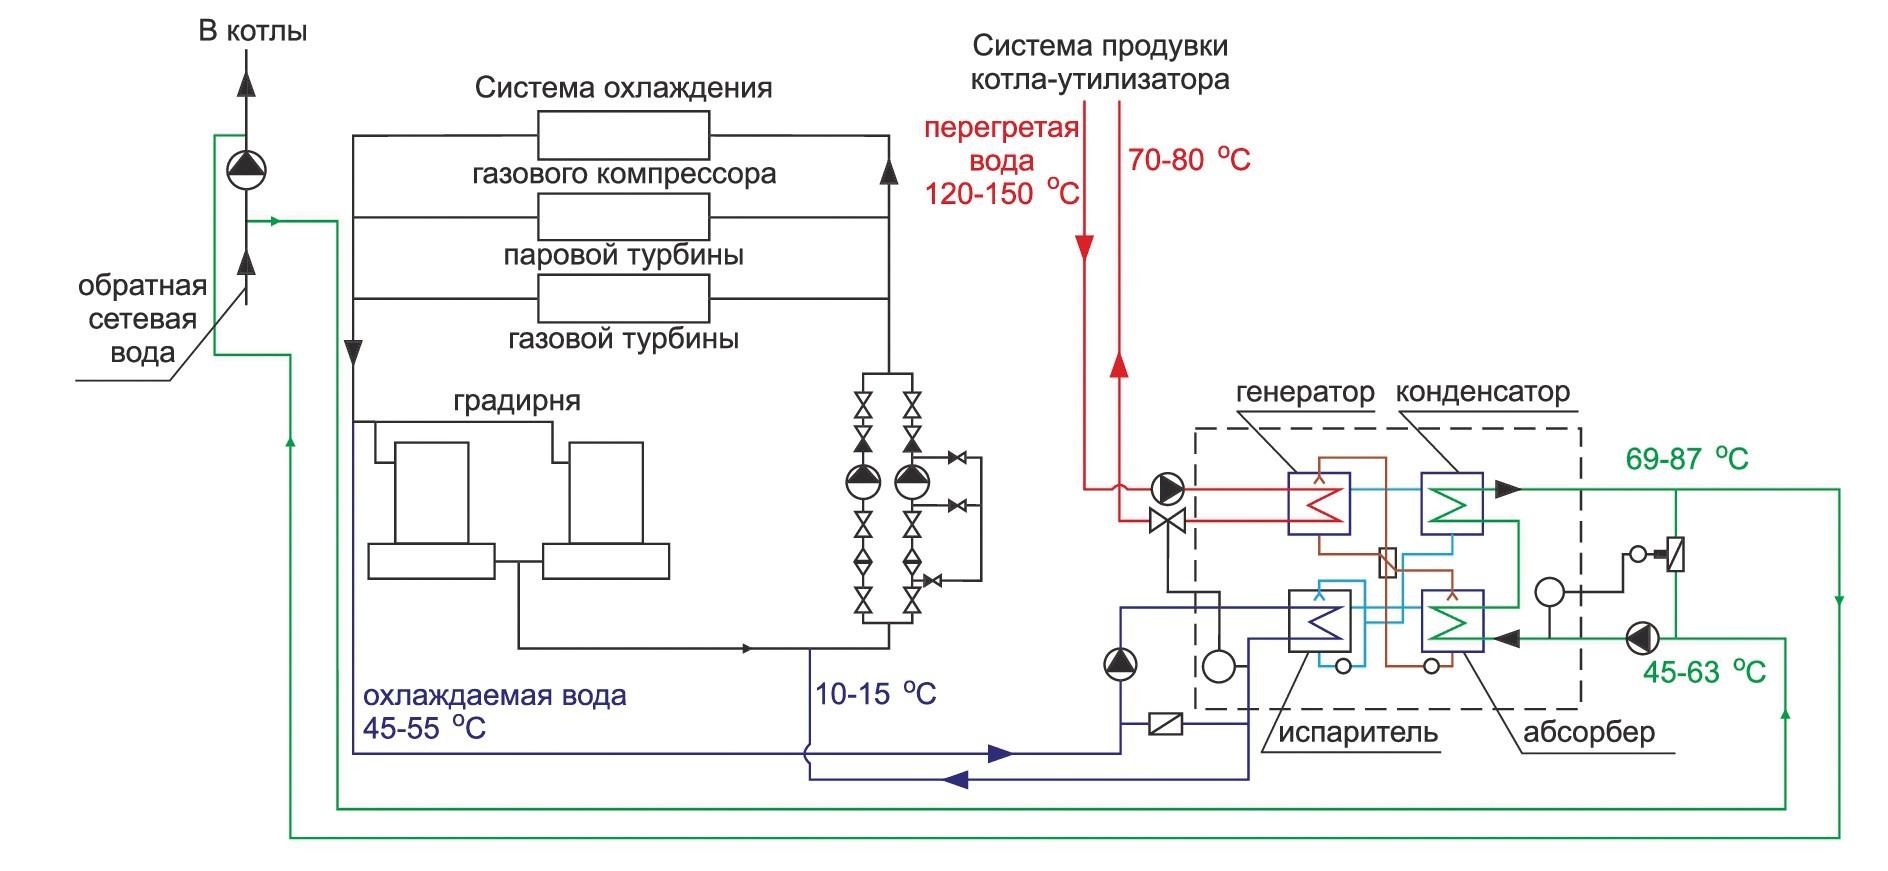 Принципиальная схема размещения теплонасоса